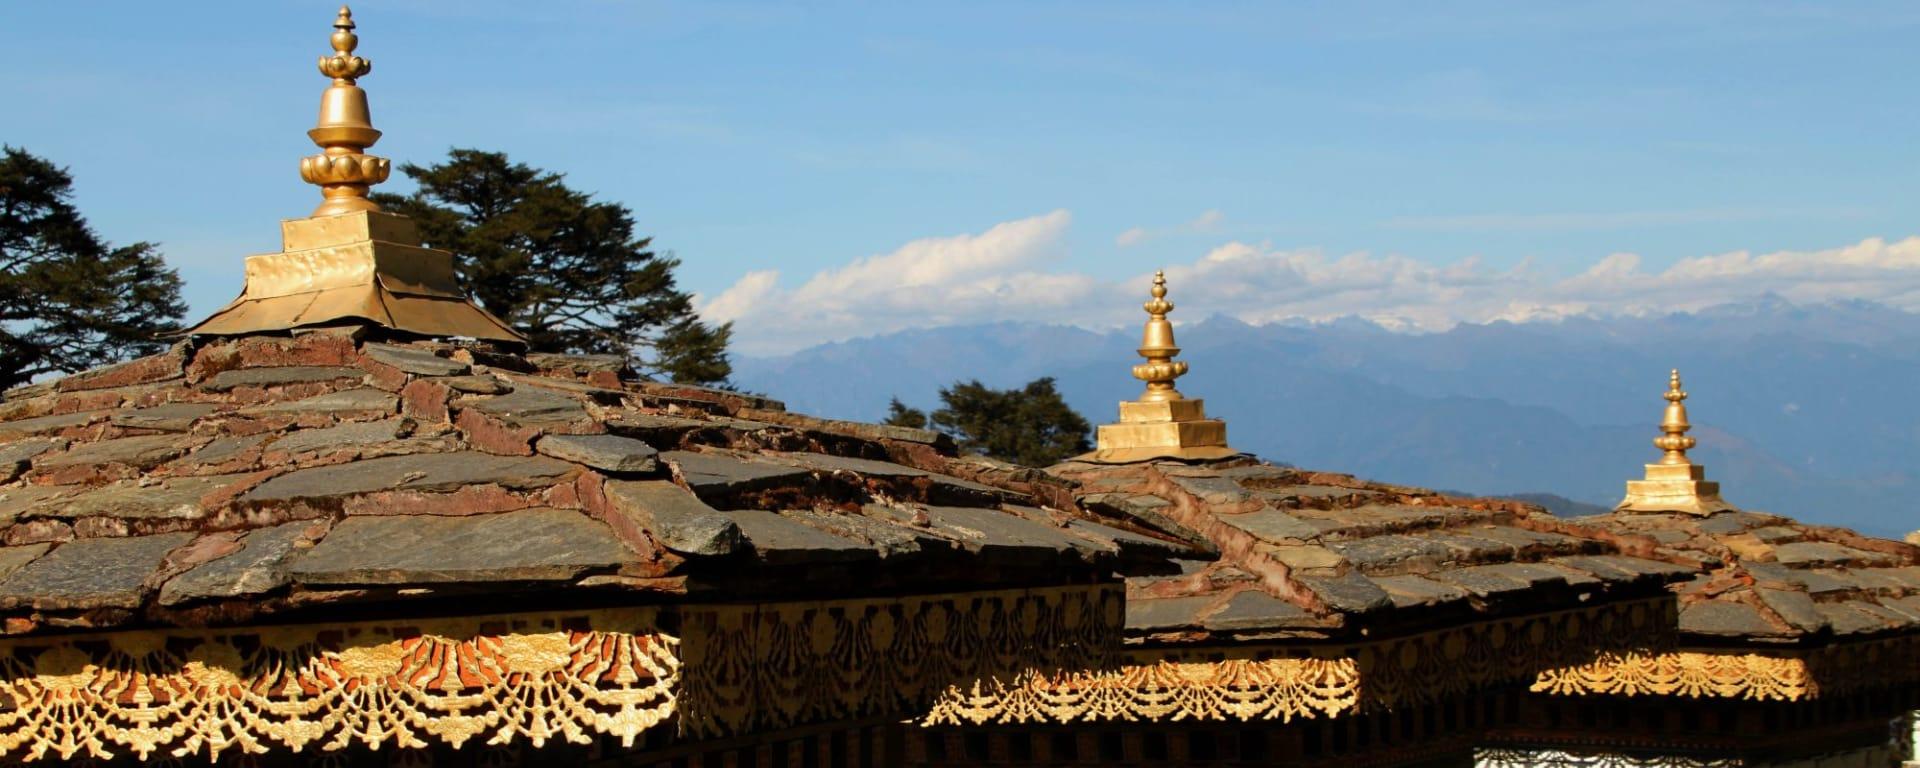 Découverte active du Bhoutan de Paro: Dochula Pass Chortens